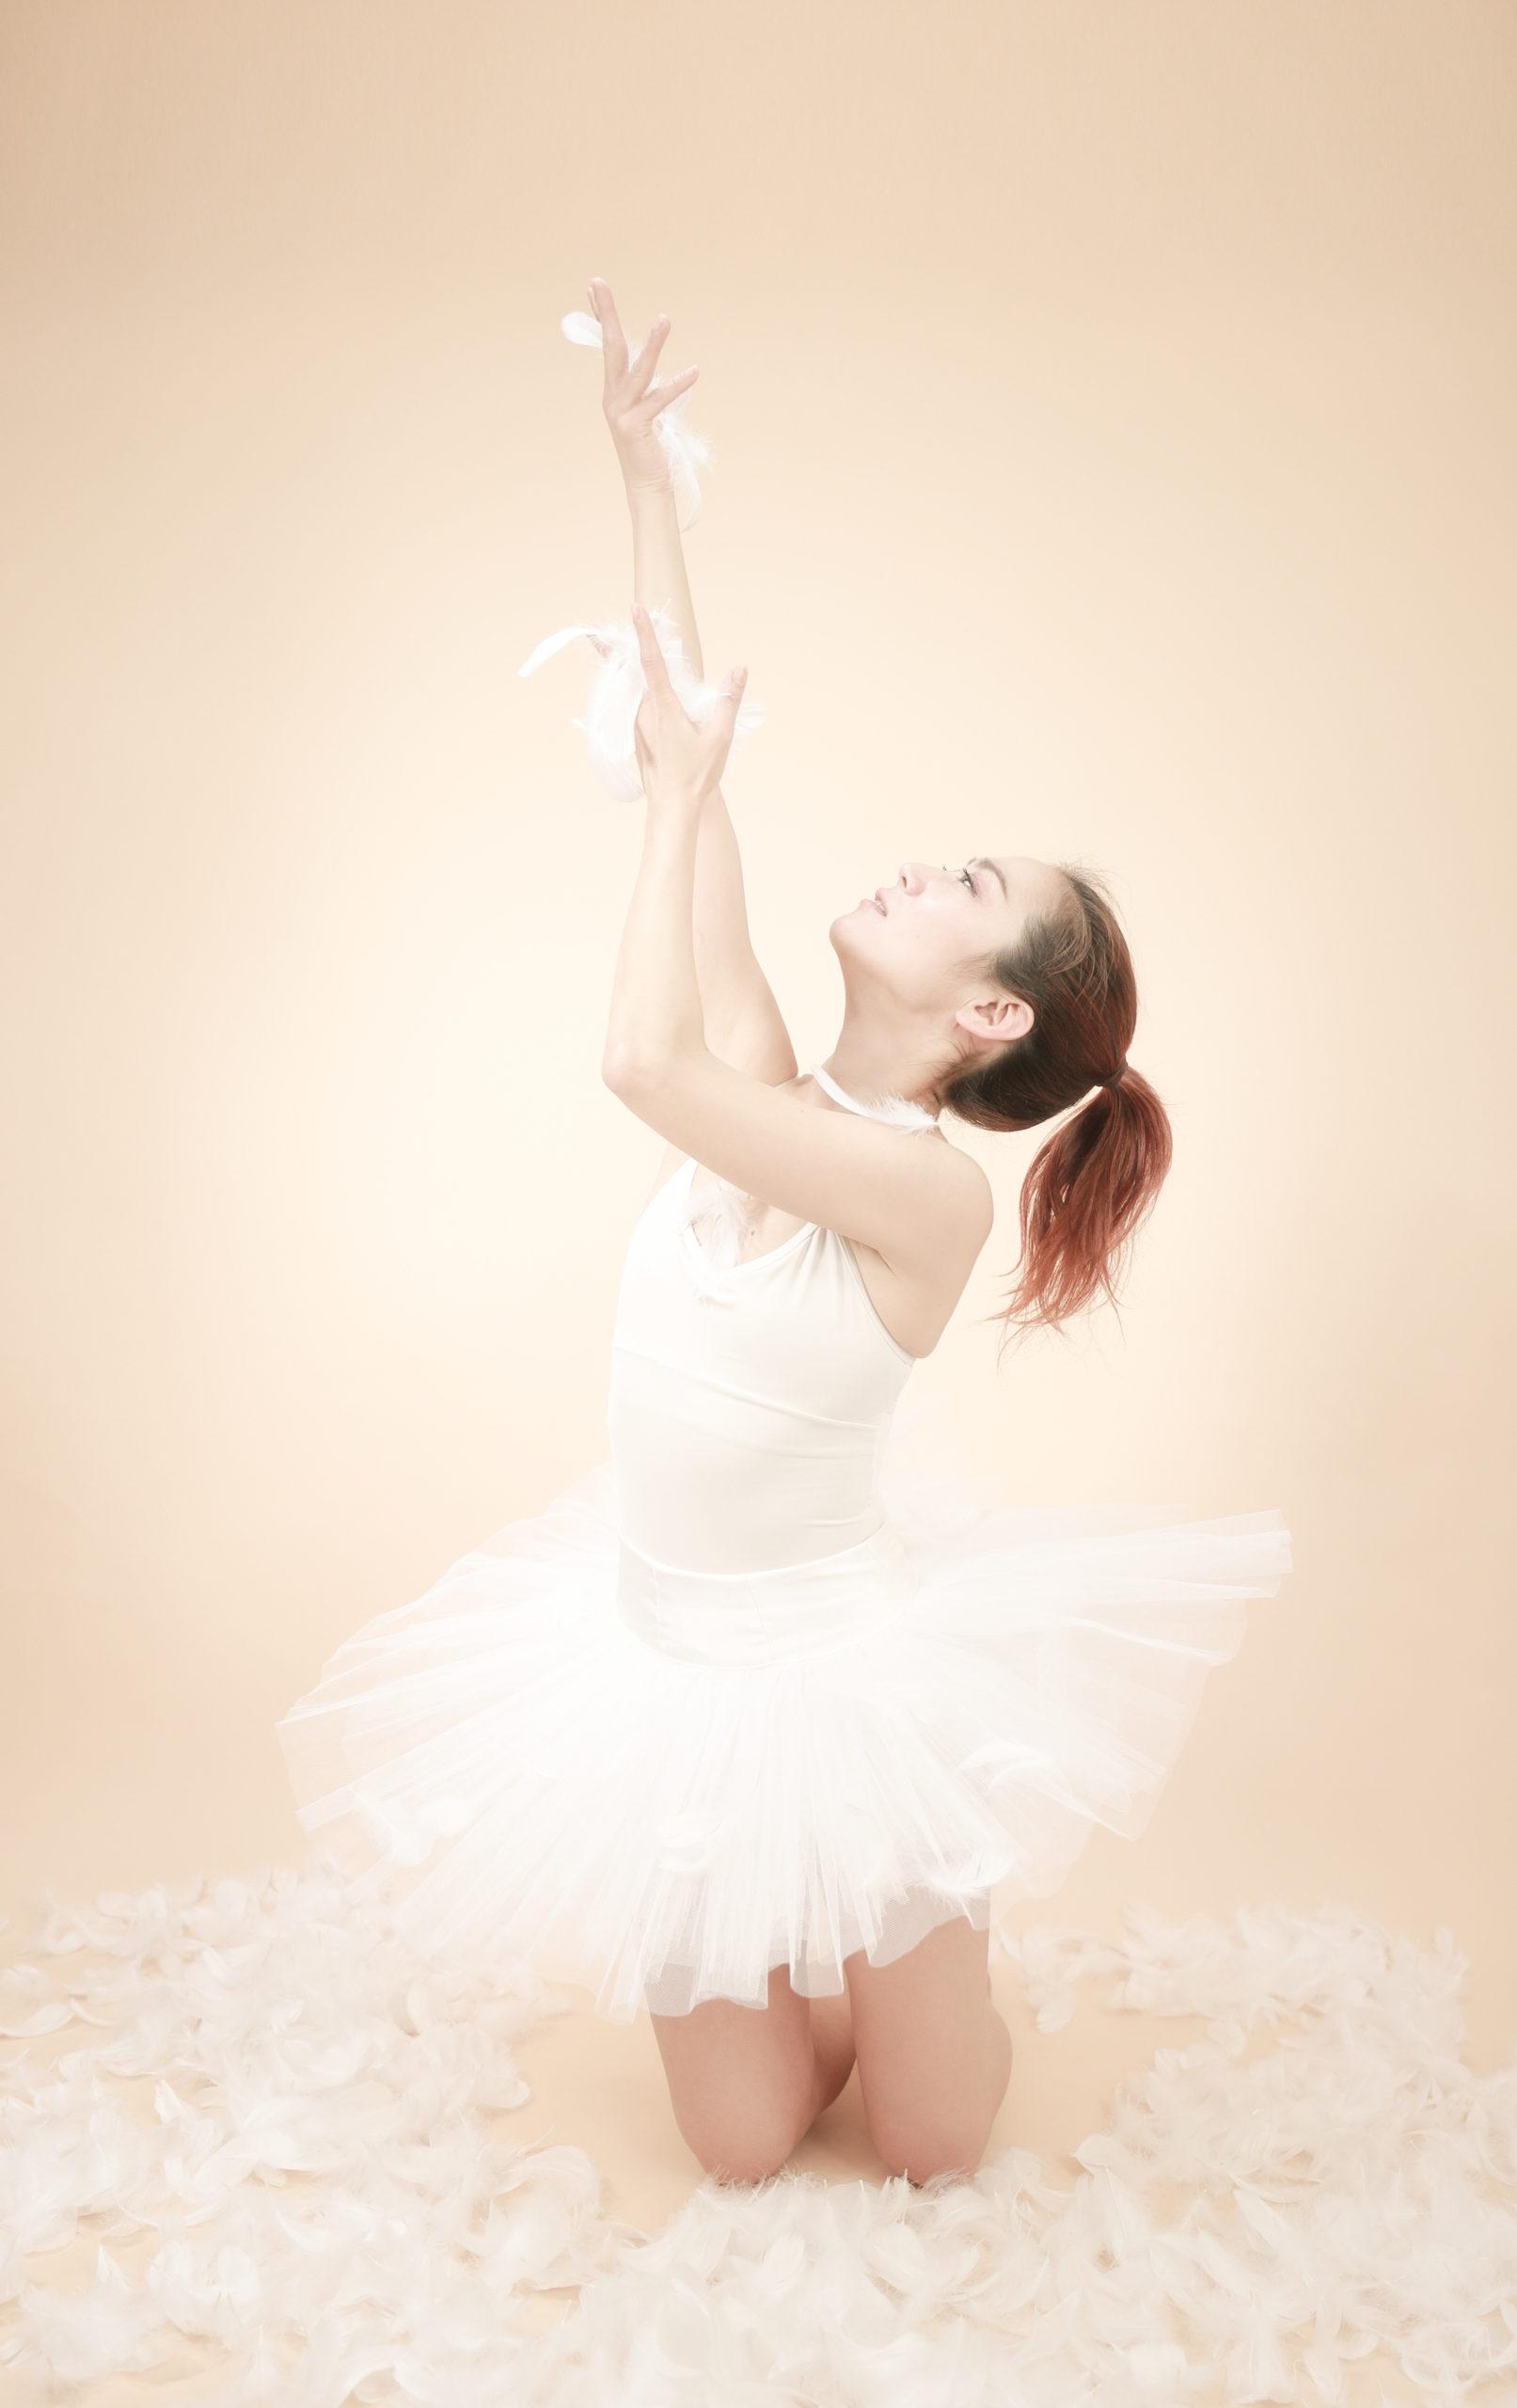 model : Makoro Sawako | photo by Daiji Inoue